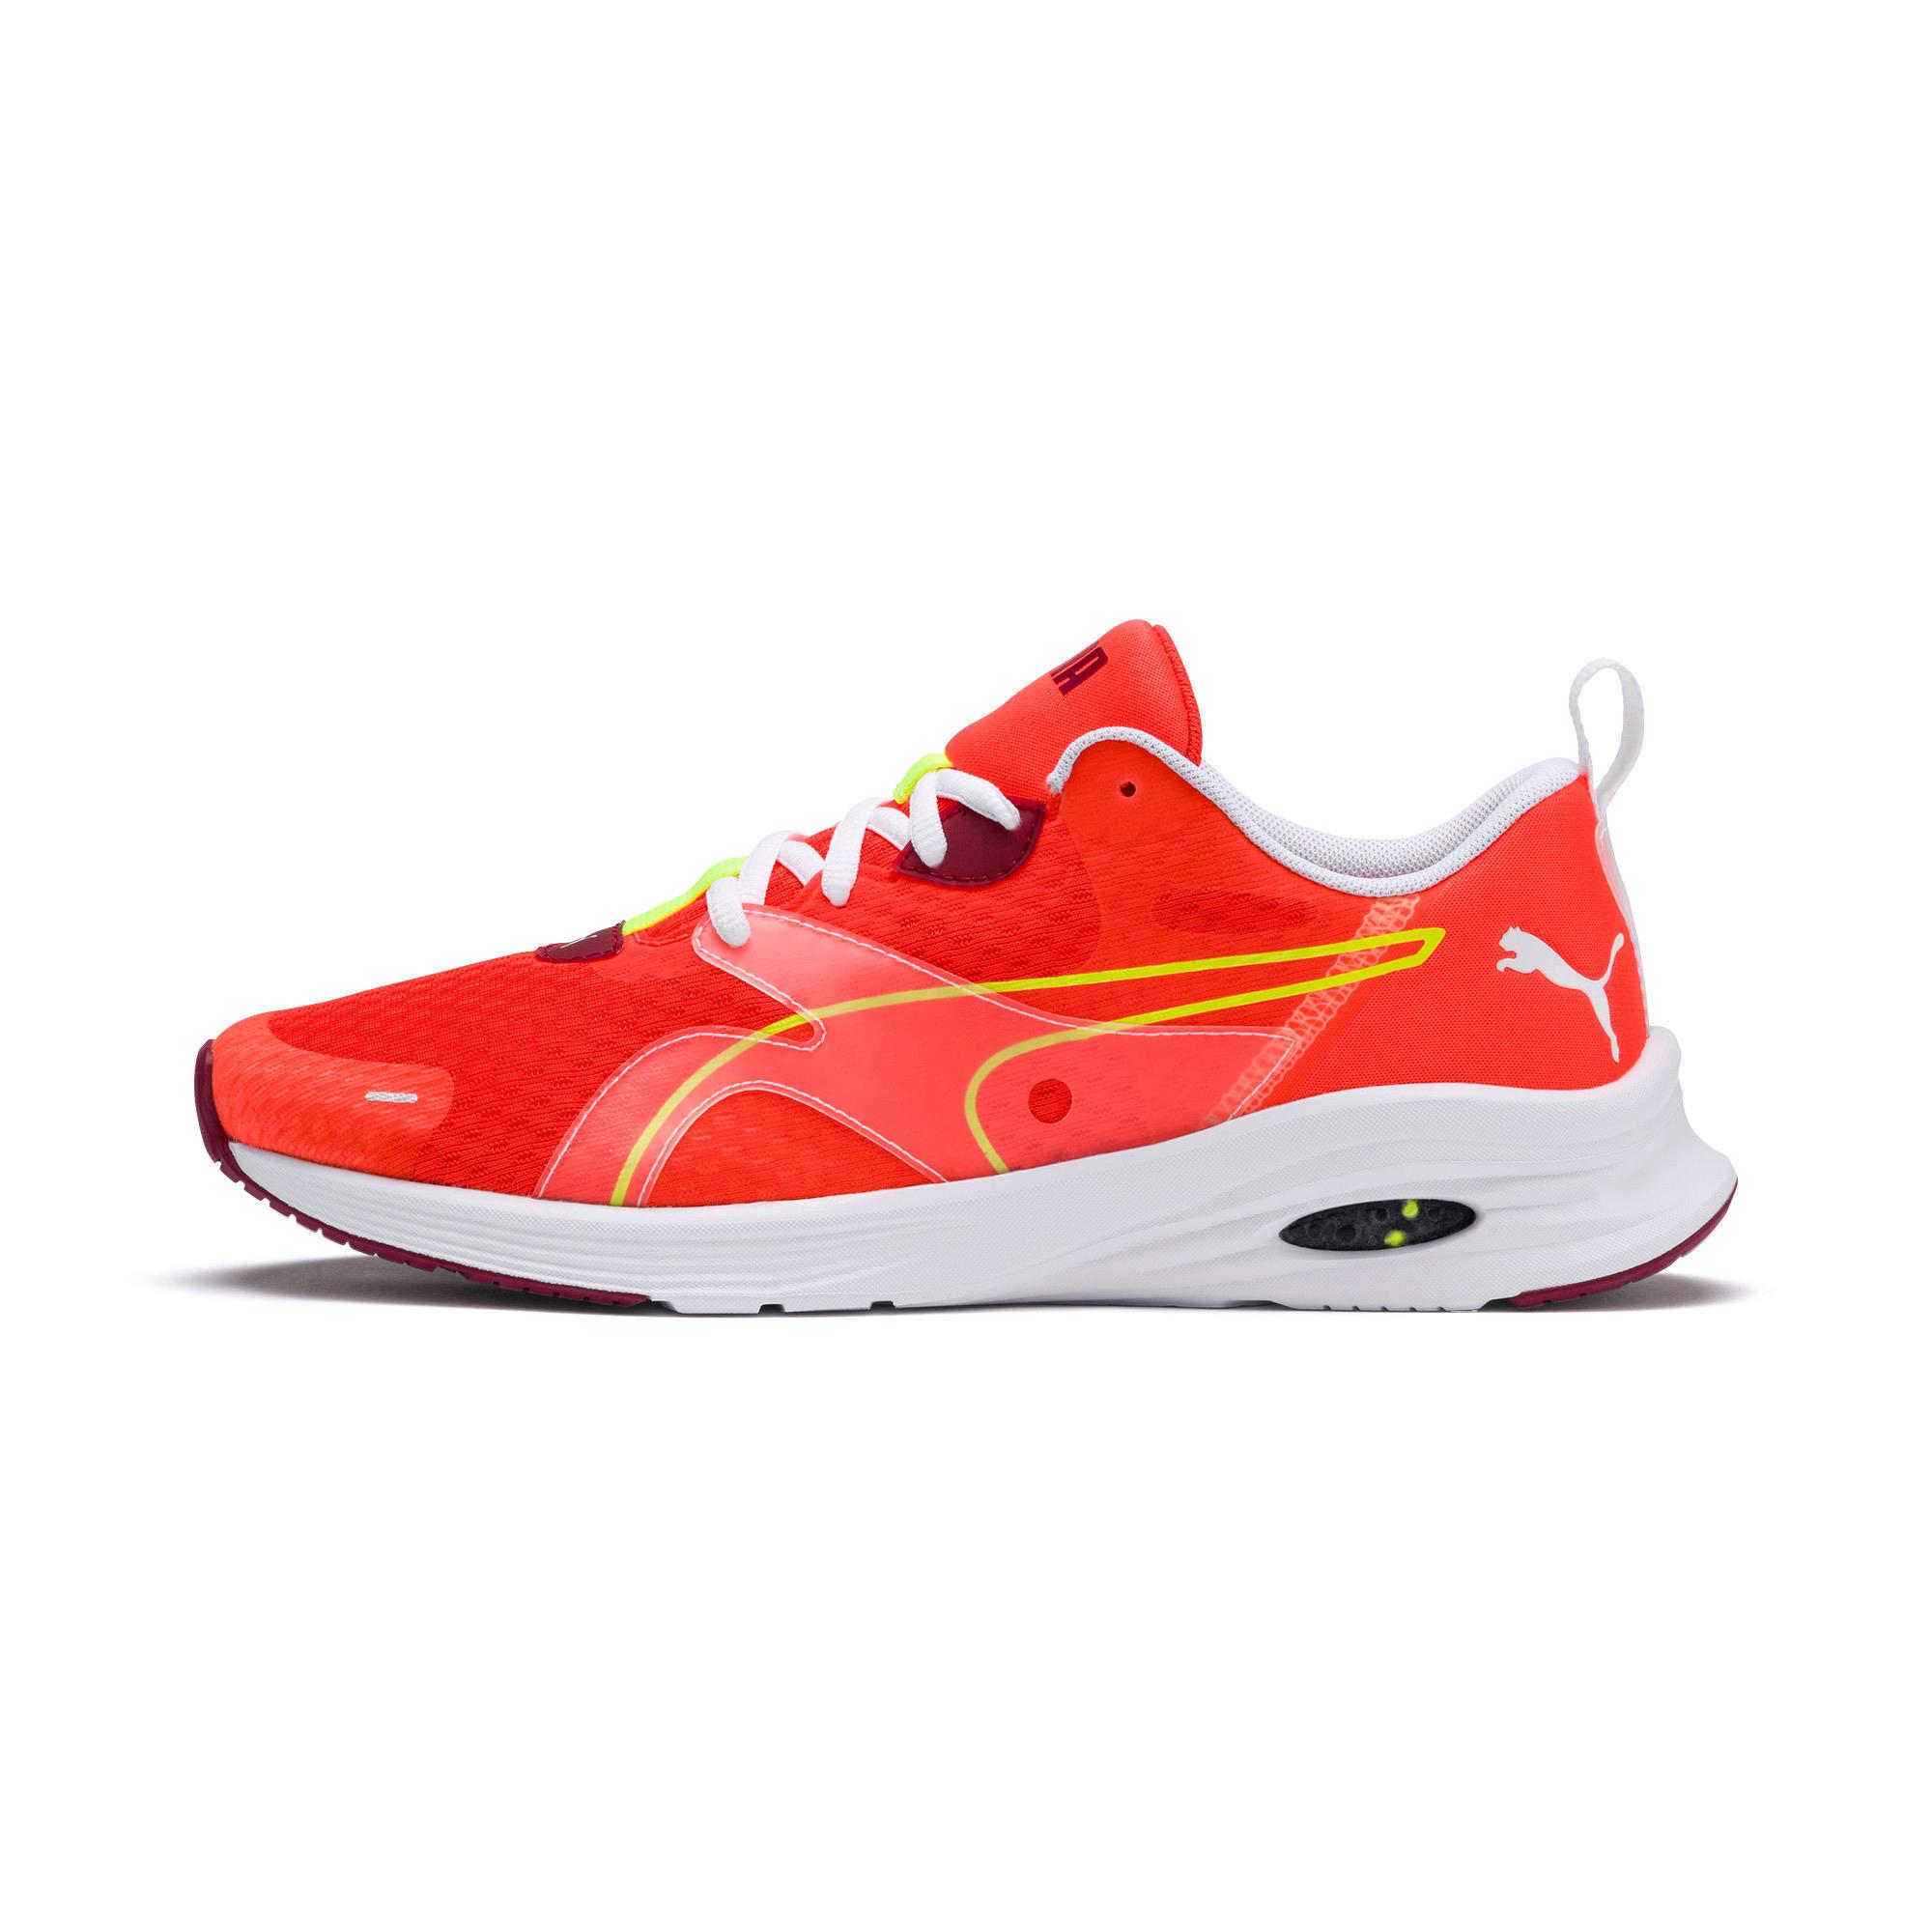 Miniatura 1 de Zapatos para correr HYBRID Fuego para hombre, Nrgy Red-Rhubarb, mediano